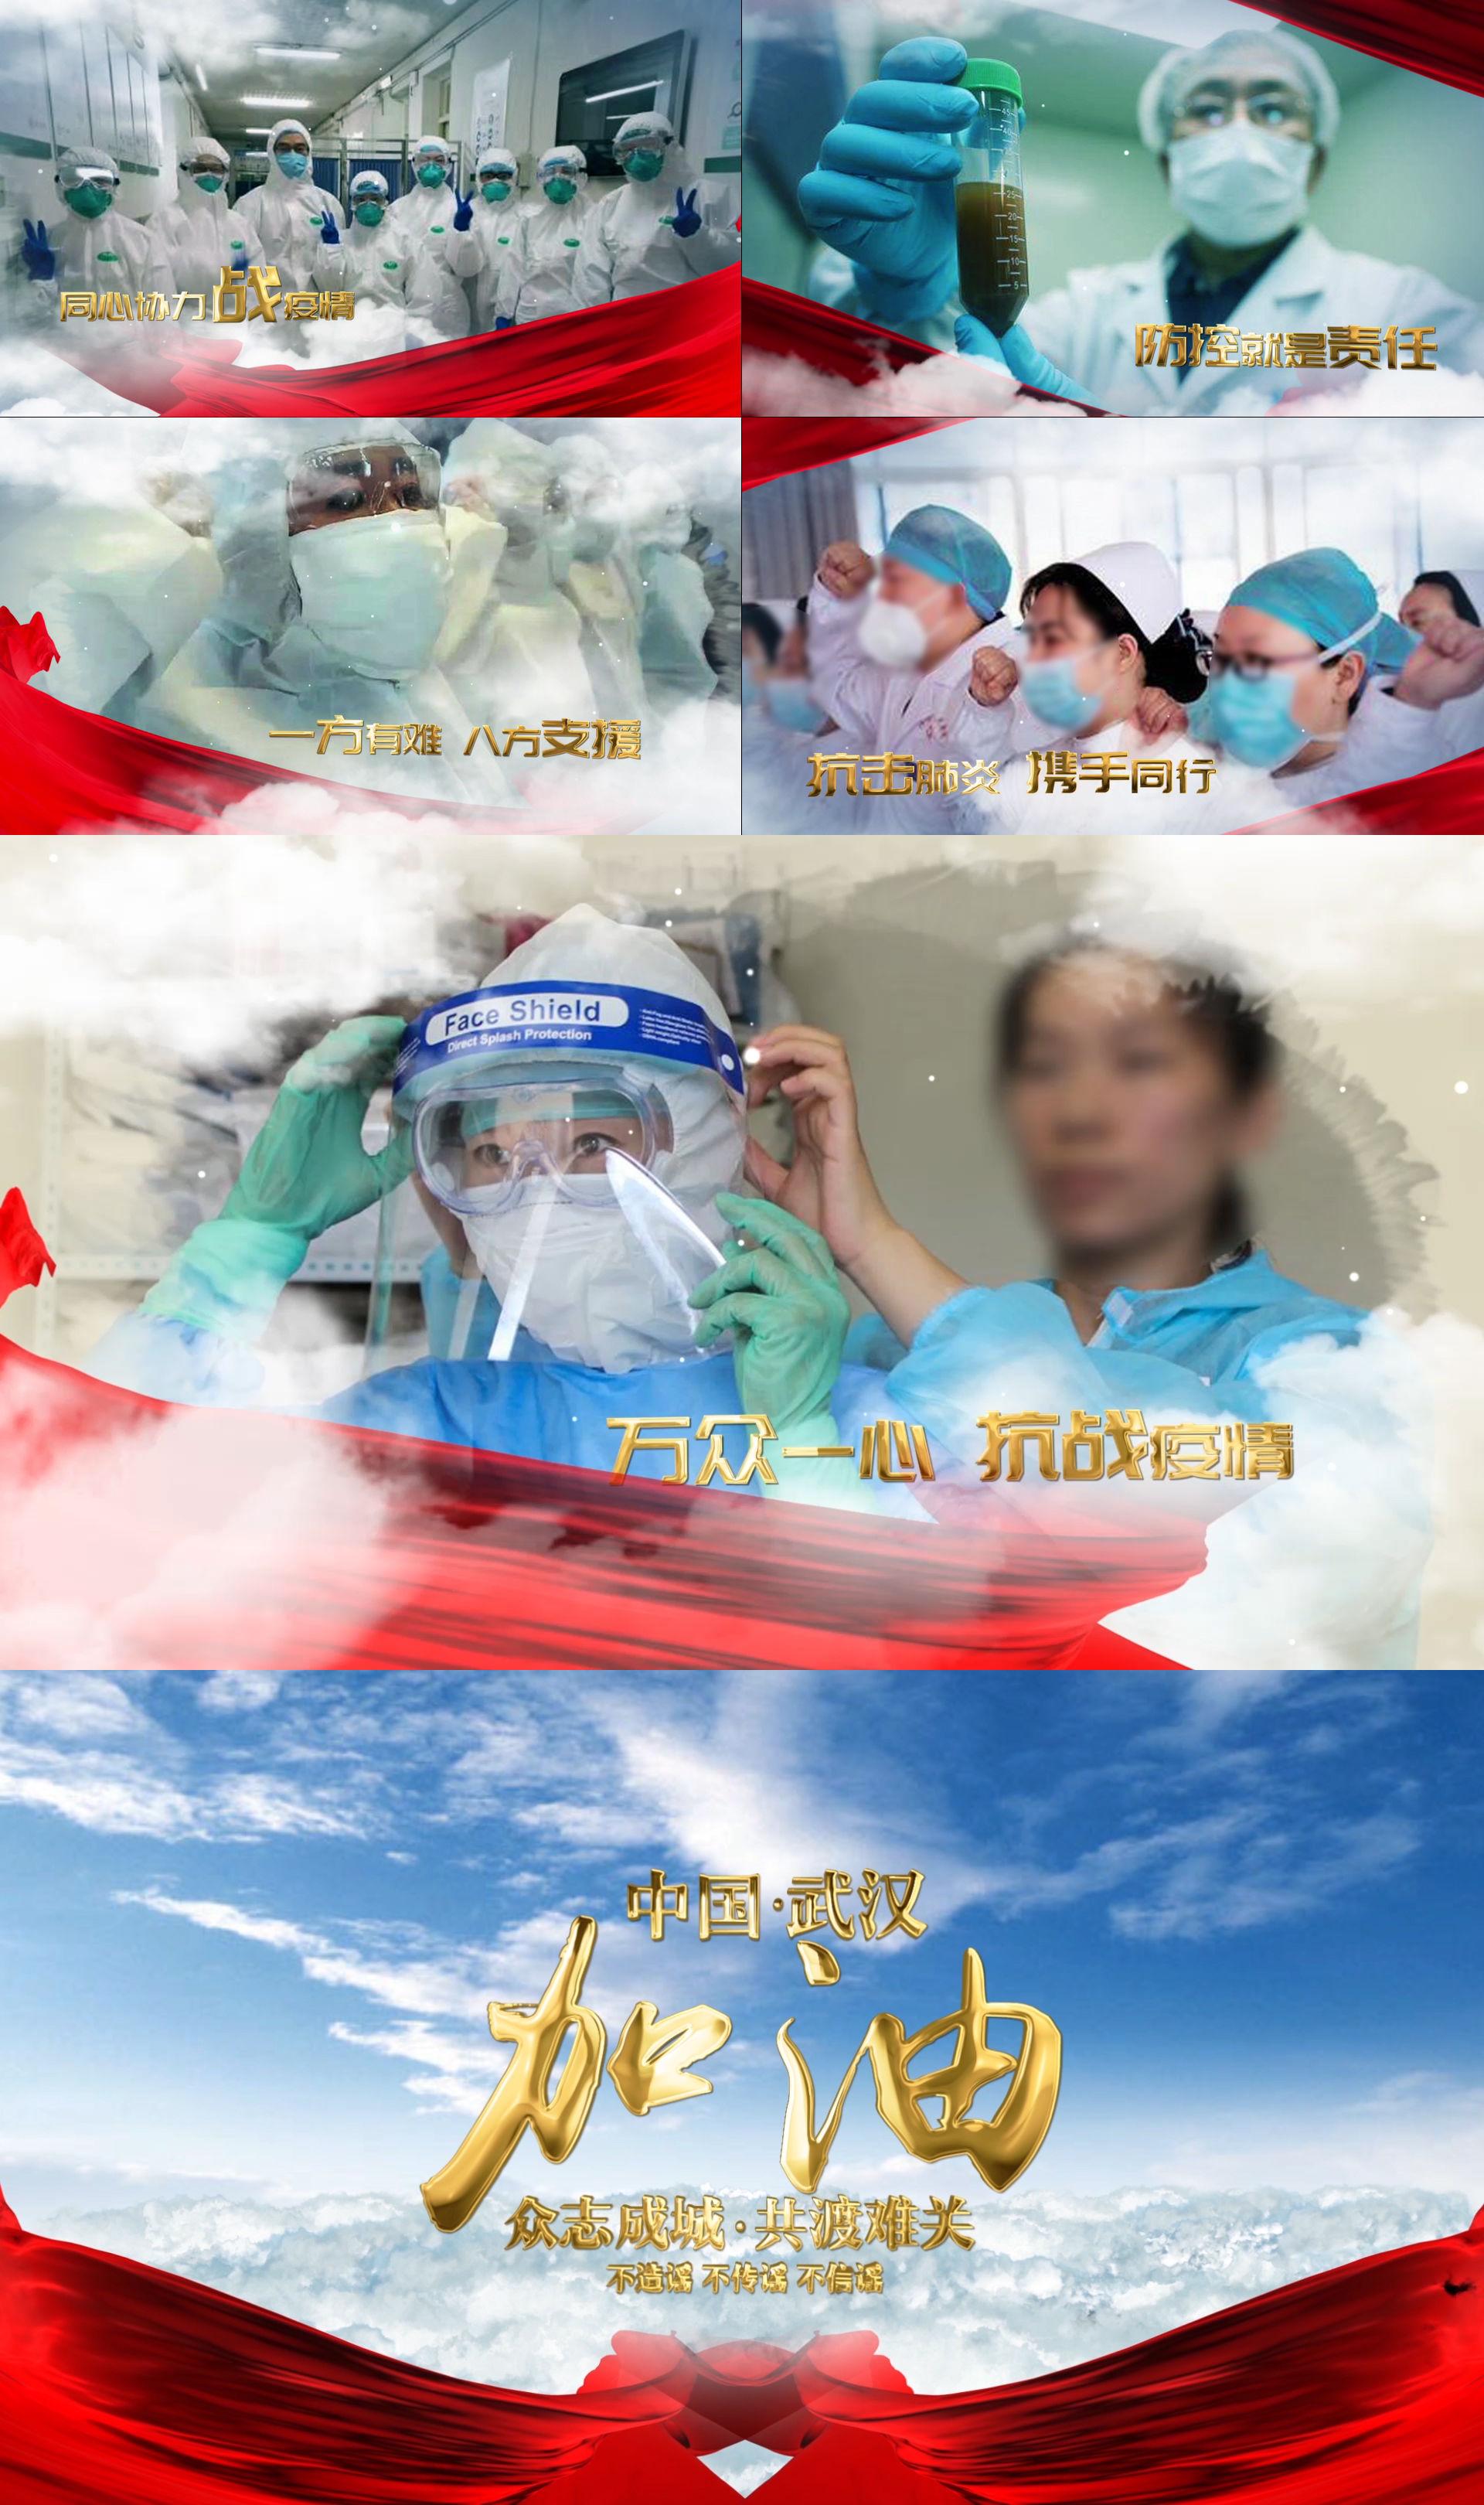 防控疫情疫情!武汉加油AE模板